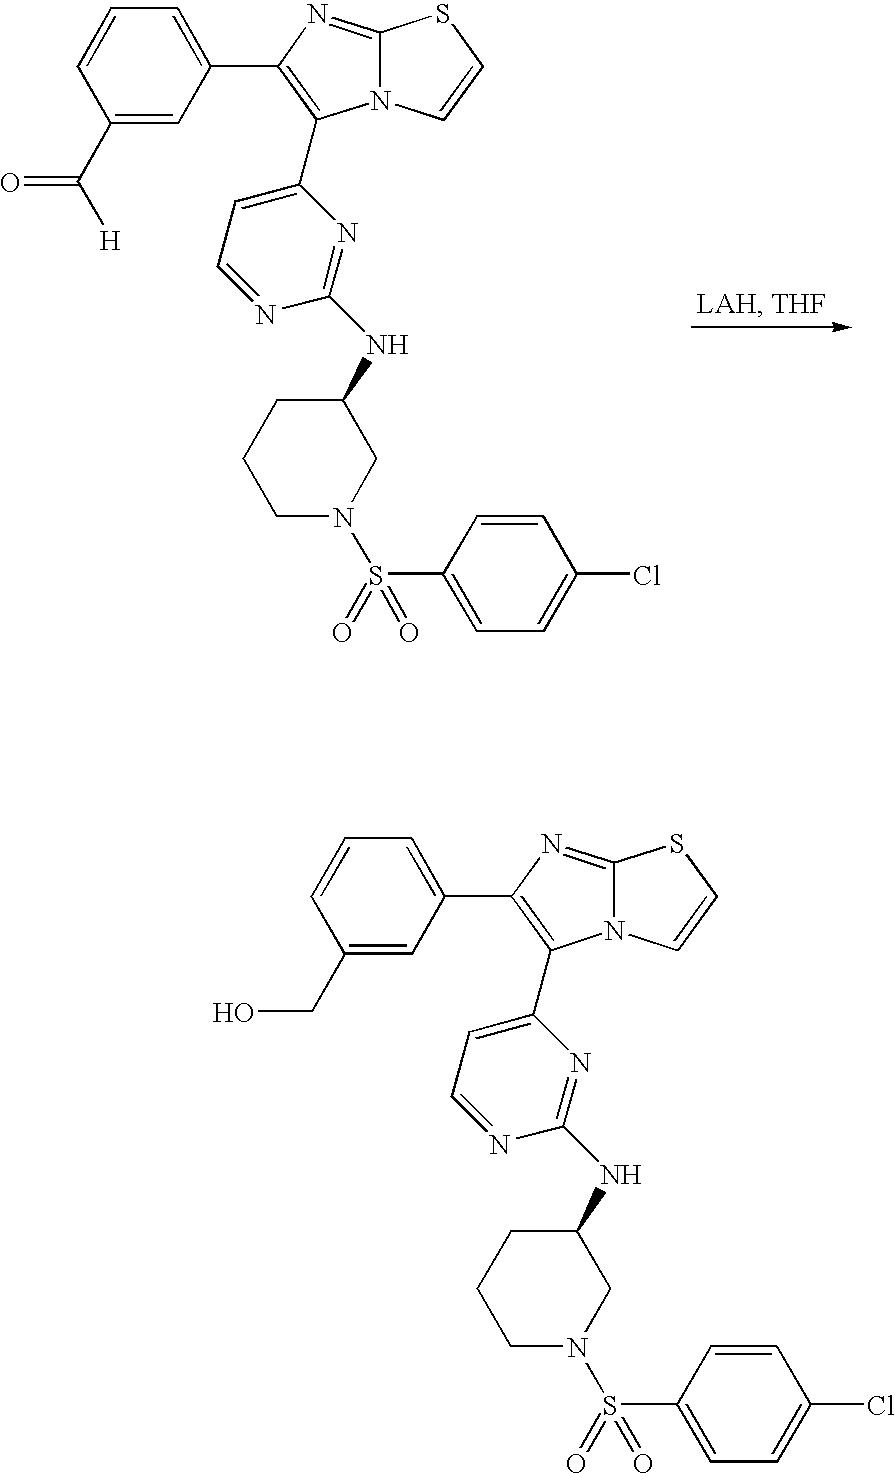 Figure US20090136499A1-20090528-C00061